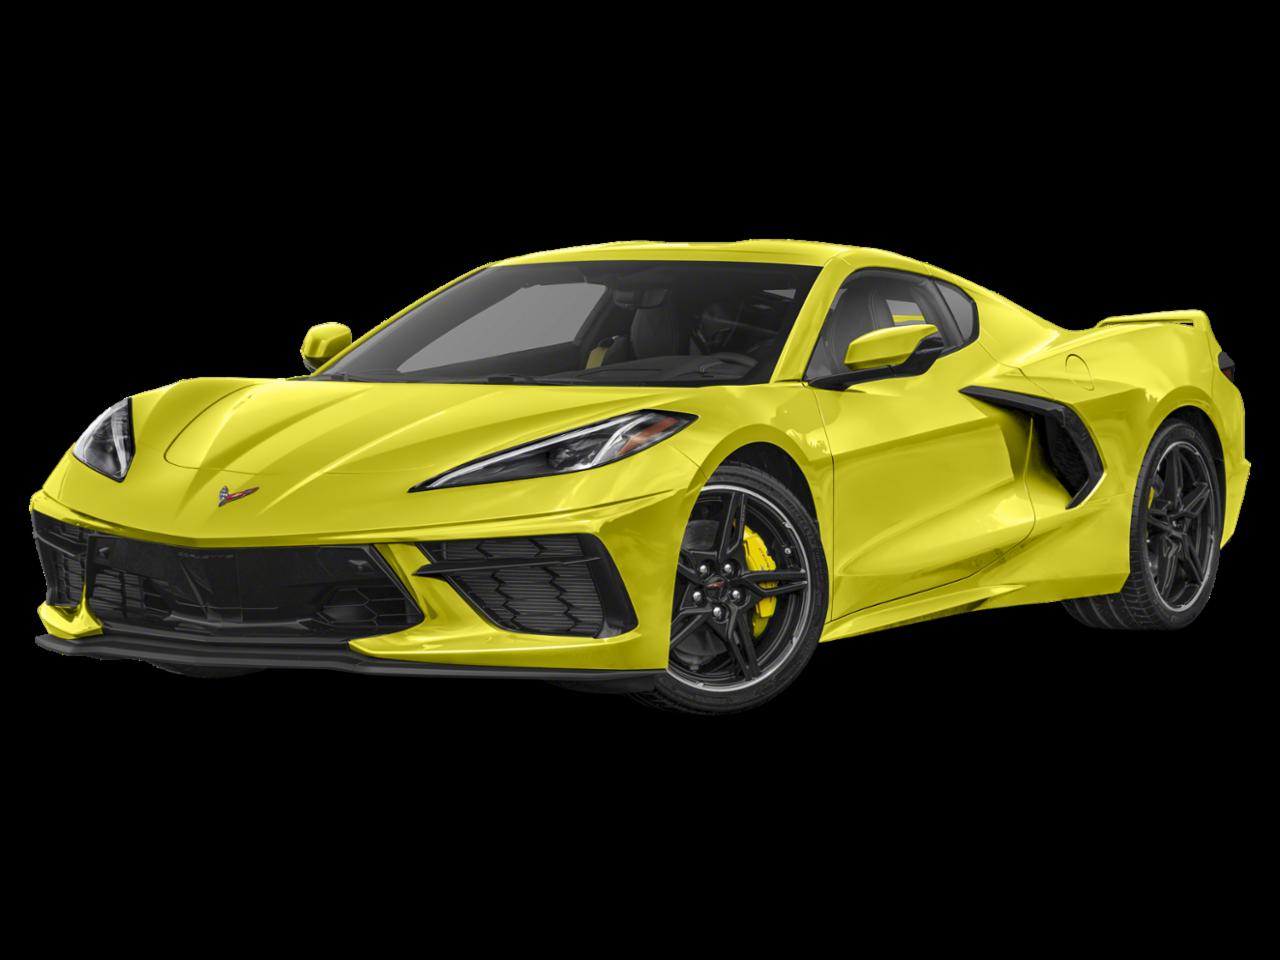 Chevrolet 2022 Corvette 1LT